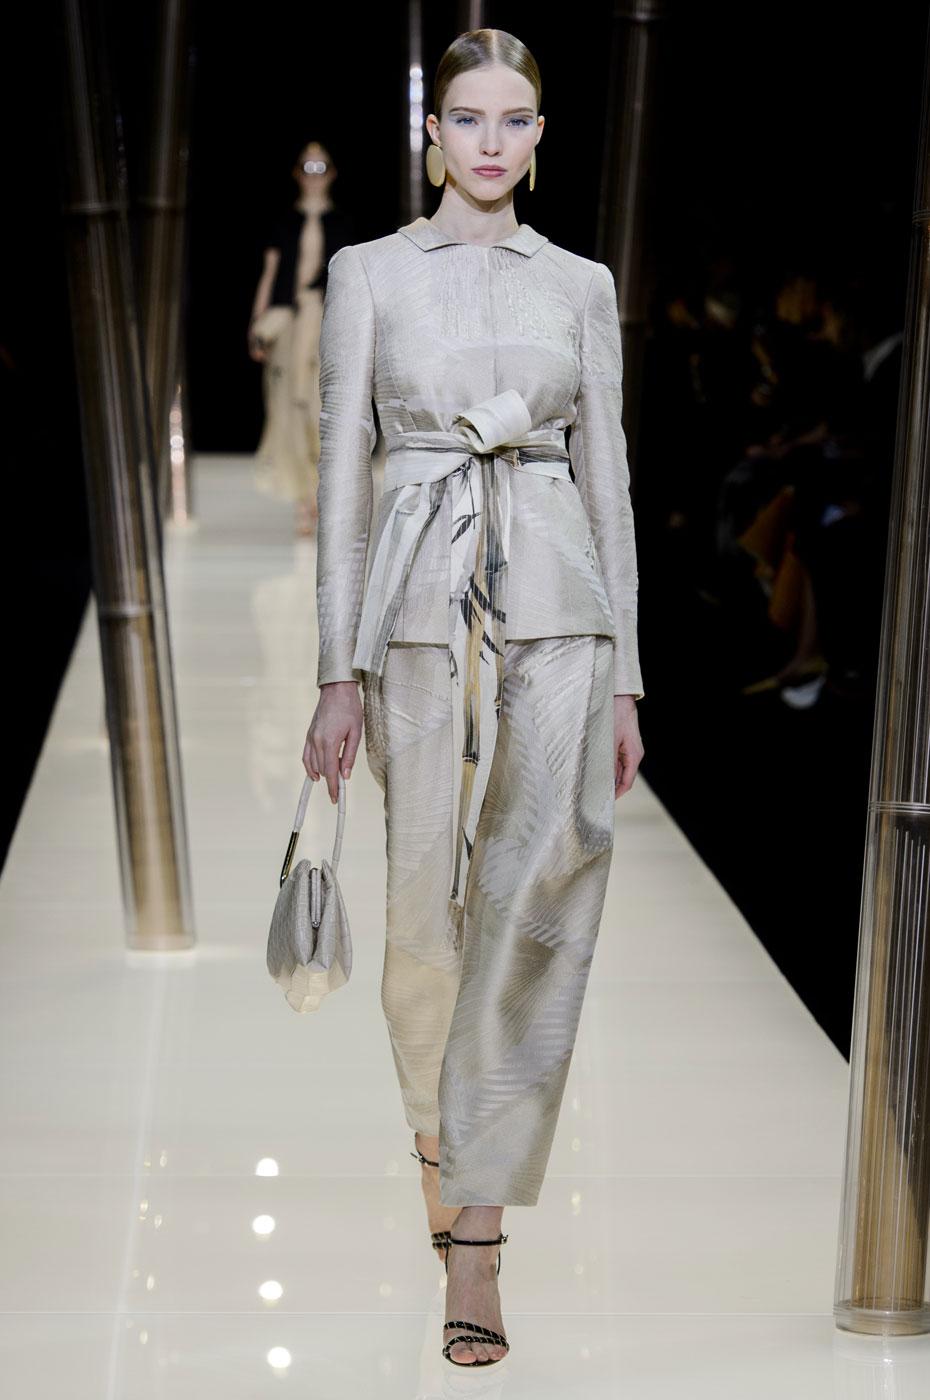 Giorgio-armani-Prive-fashion-runway-show-haute-couture-paris-spring-2015-the-impression-019